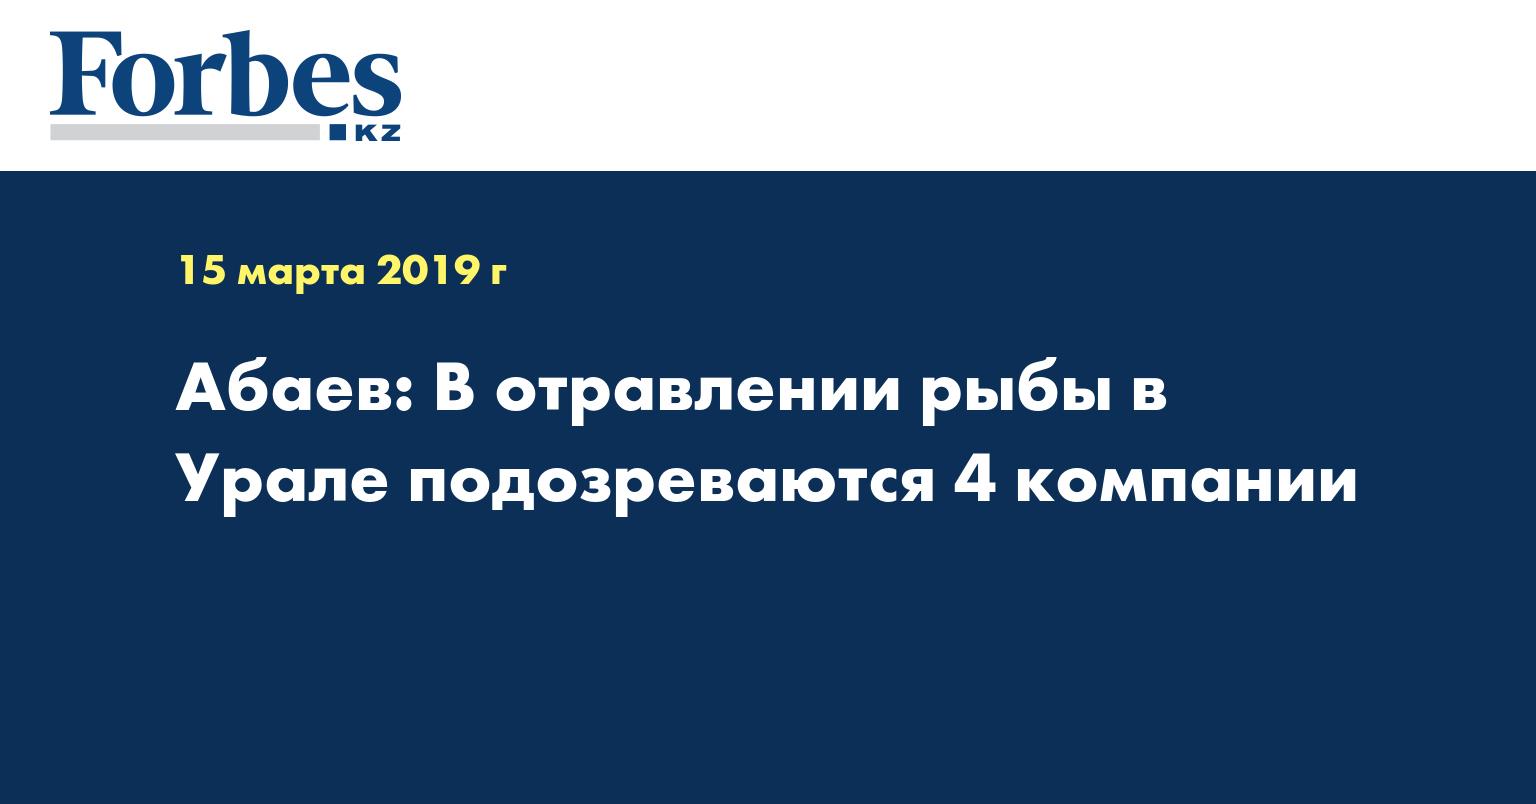 Абаев: В отравлении рыбы в Урале подозреваются 4 компании